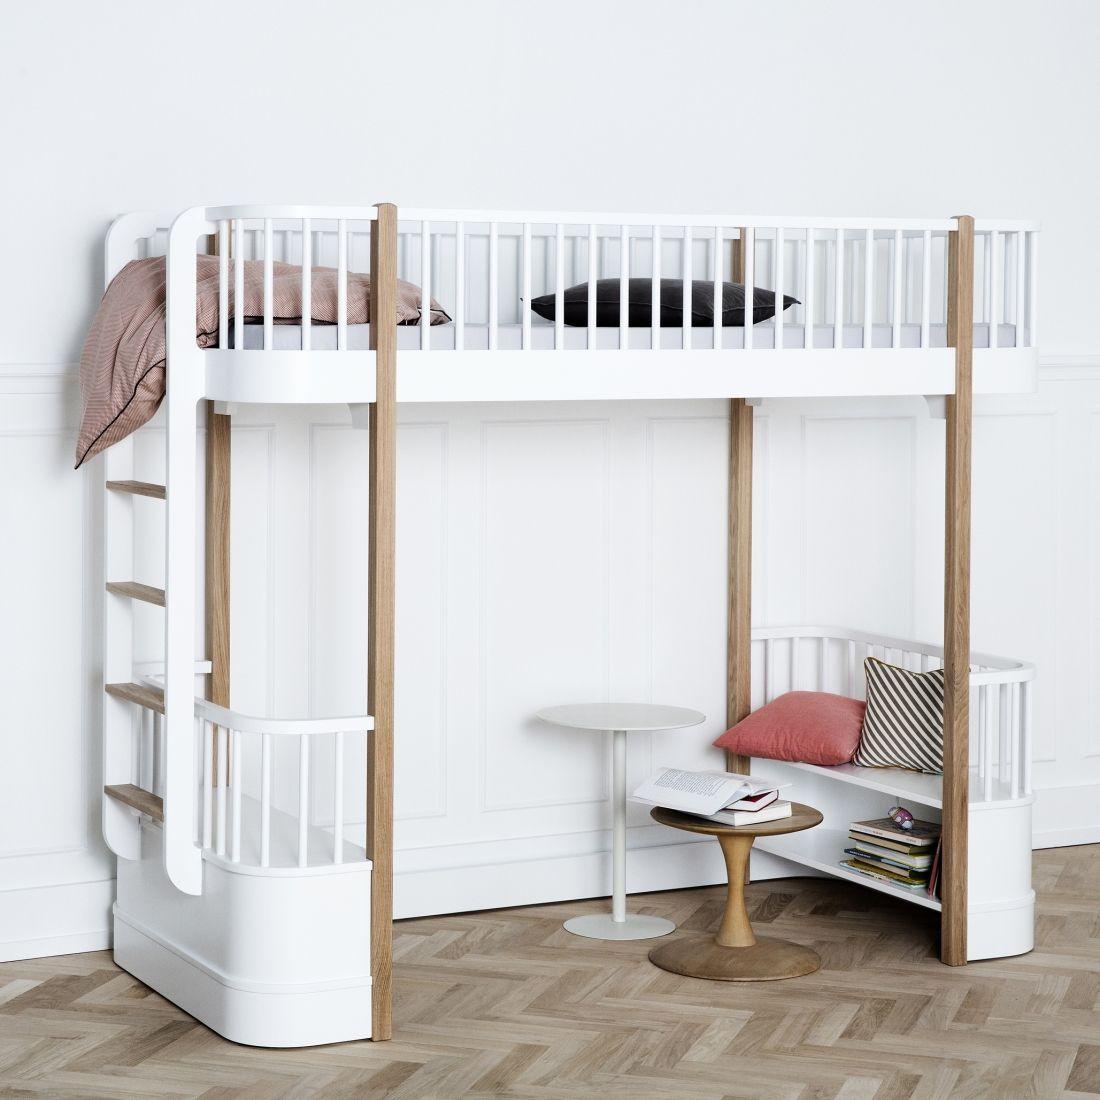 Gewaltig Fantasyroom Lörrach Galerie Von Oliver Furniture Kinder-hochbett